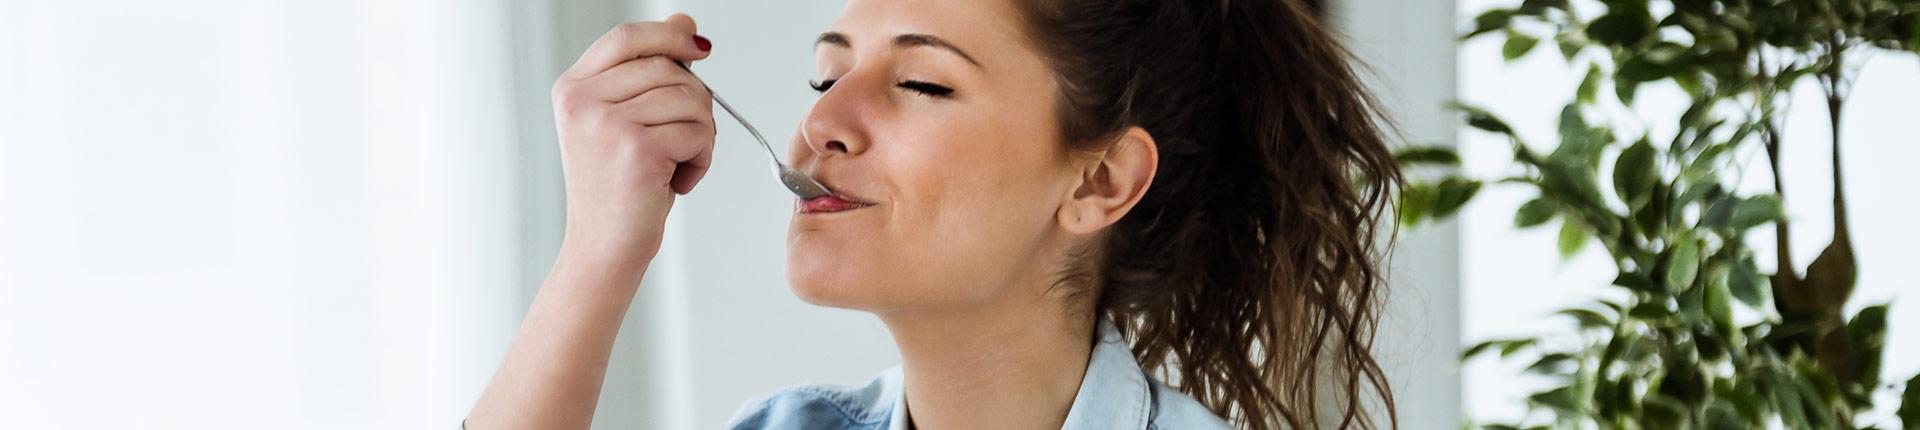 7 rzeczy, których możesz nie wiedzieć o jogurcie